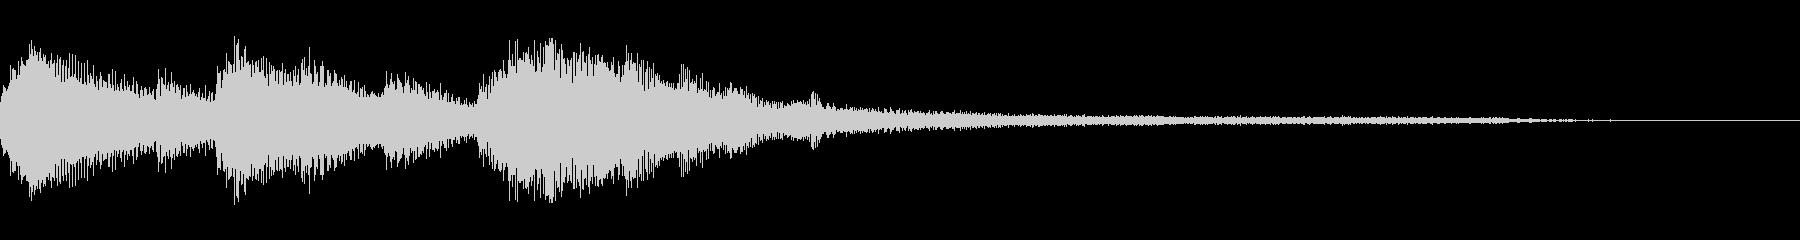 おしゃれなピアノジングル1の未再生の波形